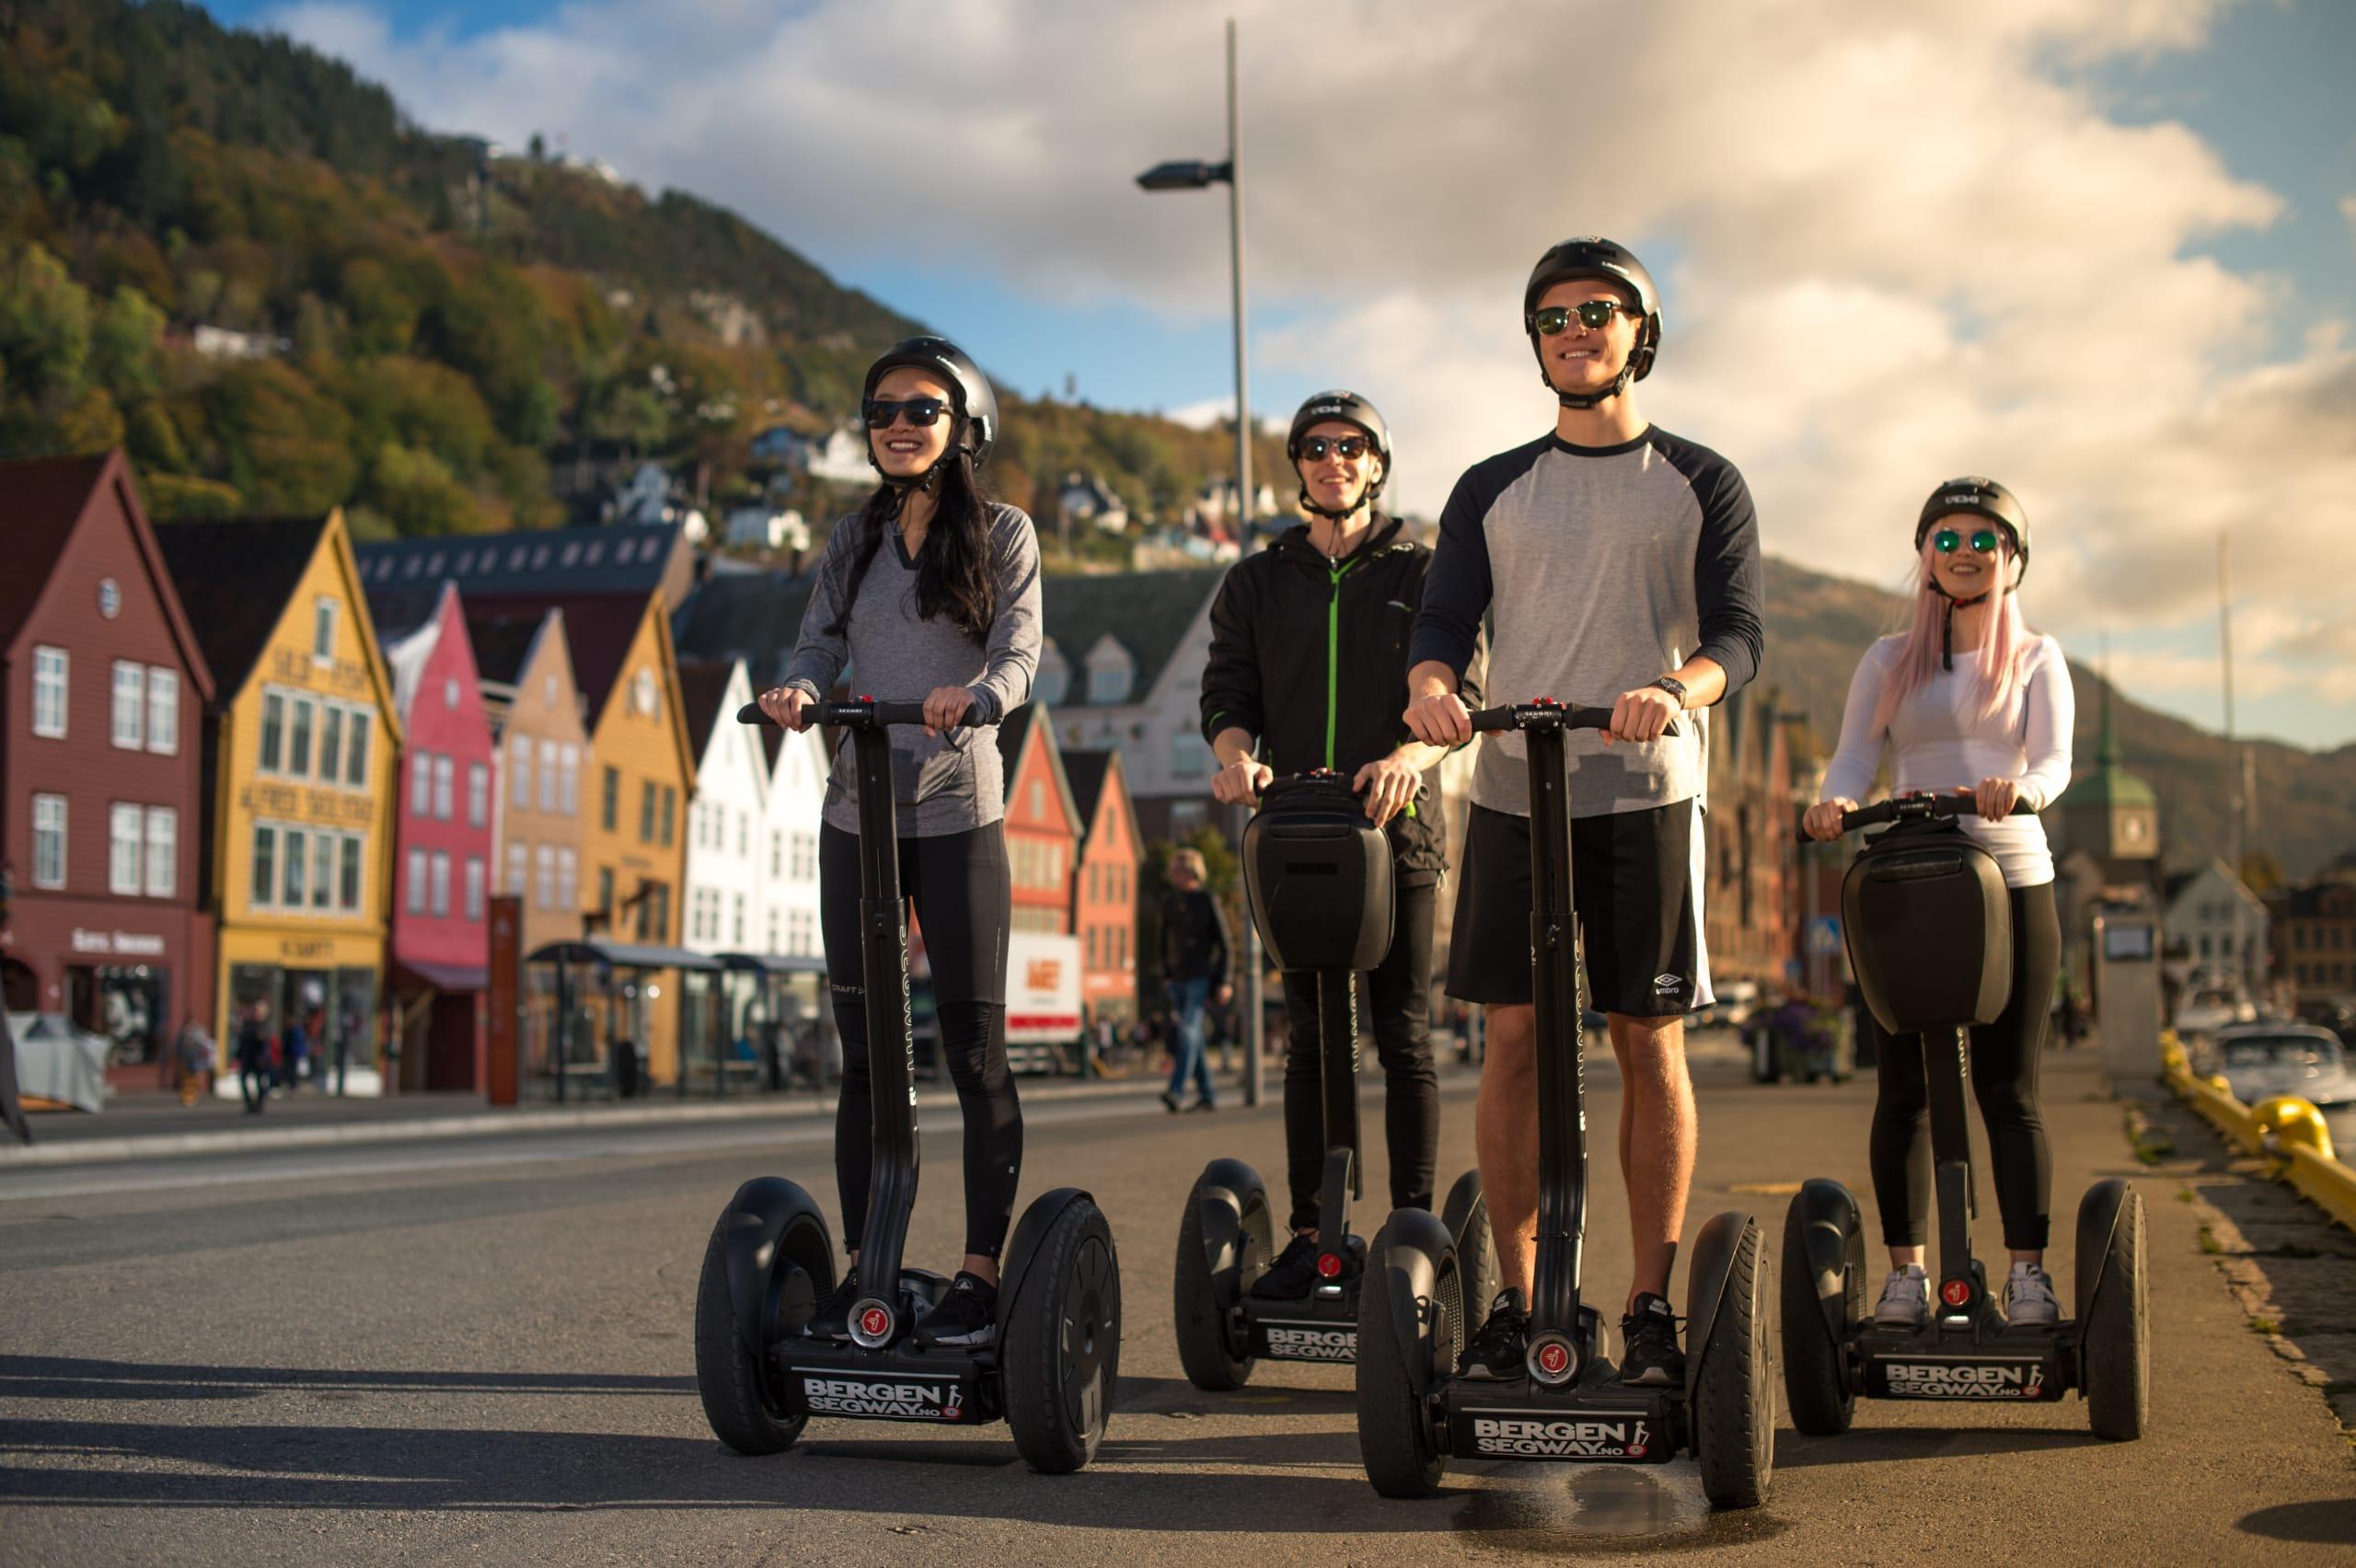 Segway tour on Bryggen in Bergen